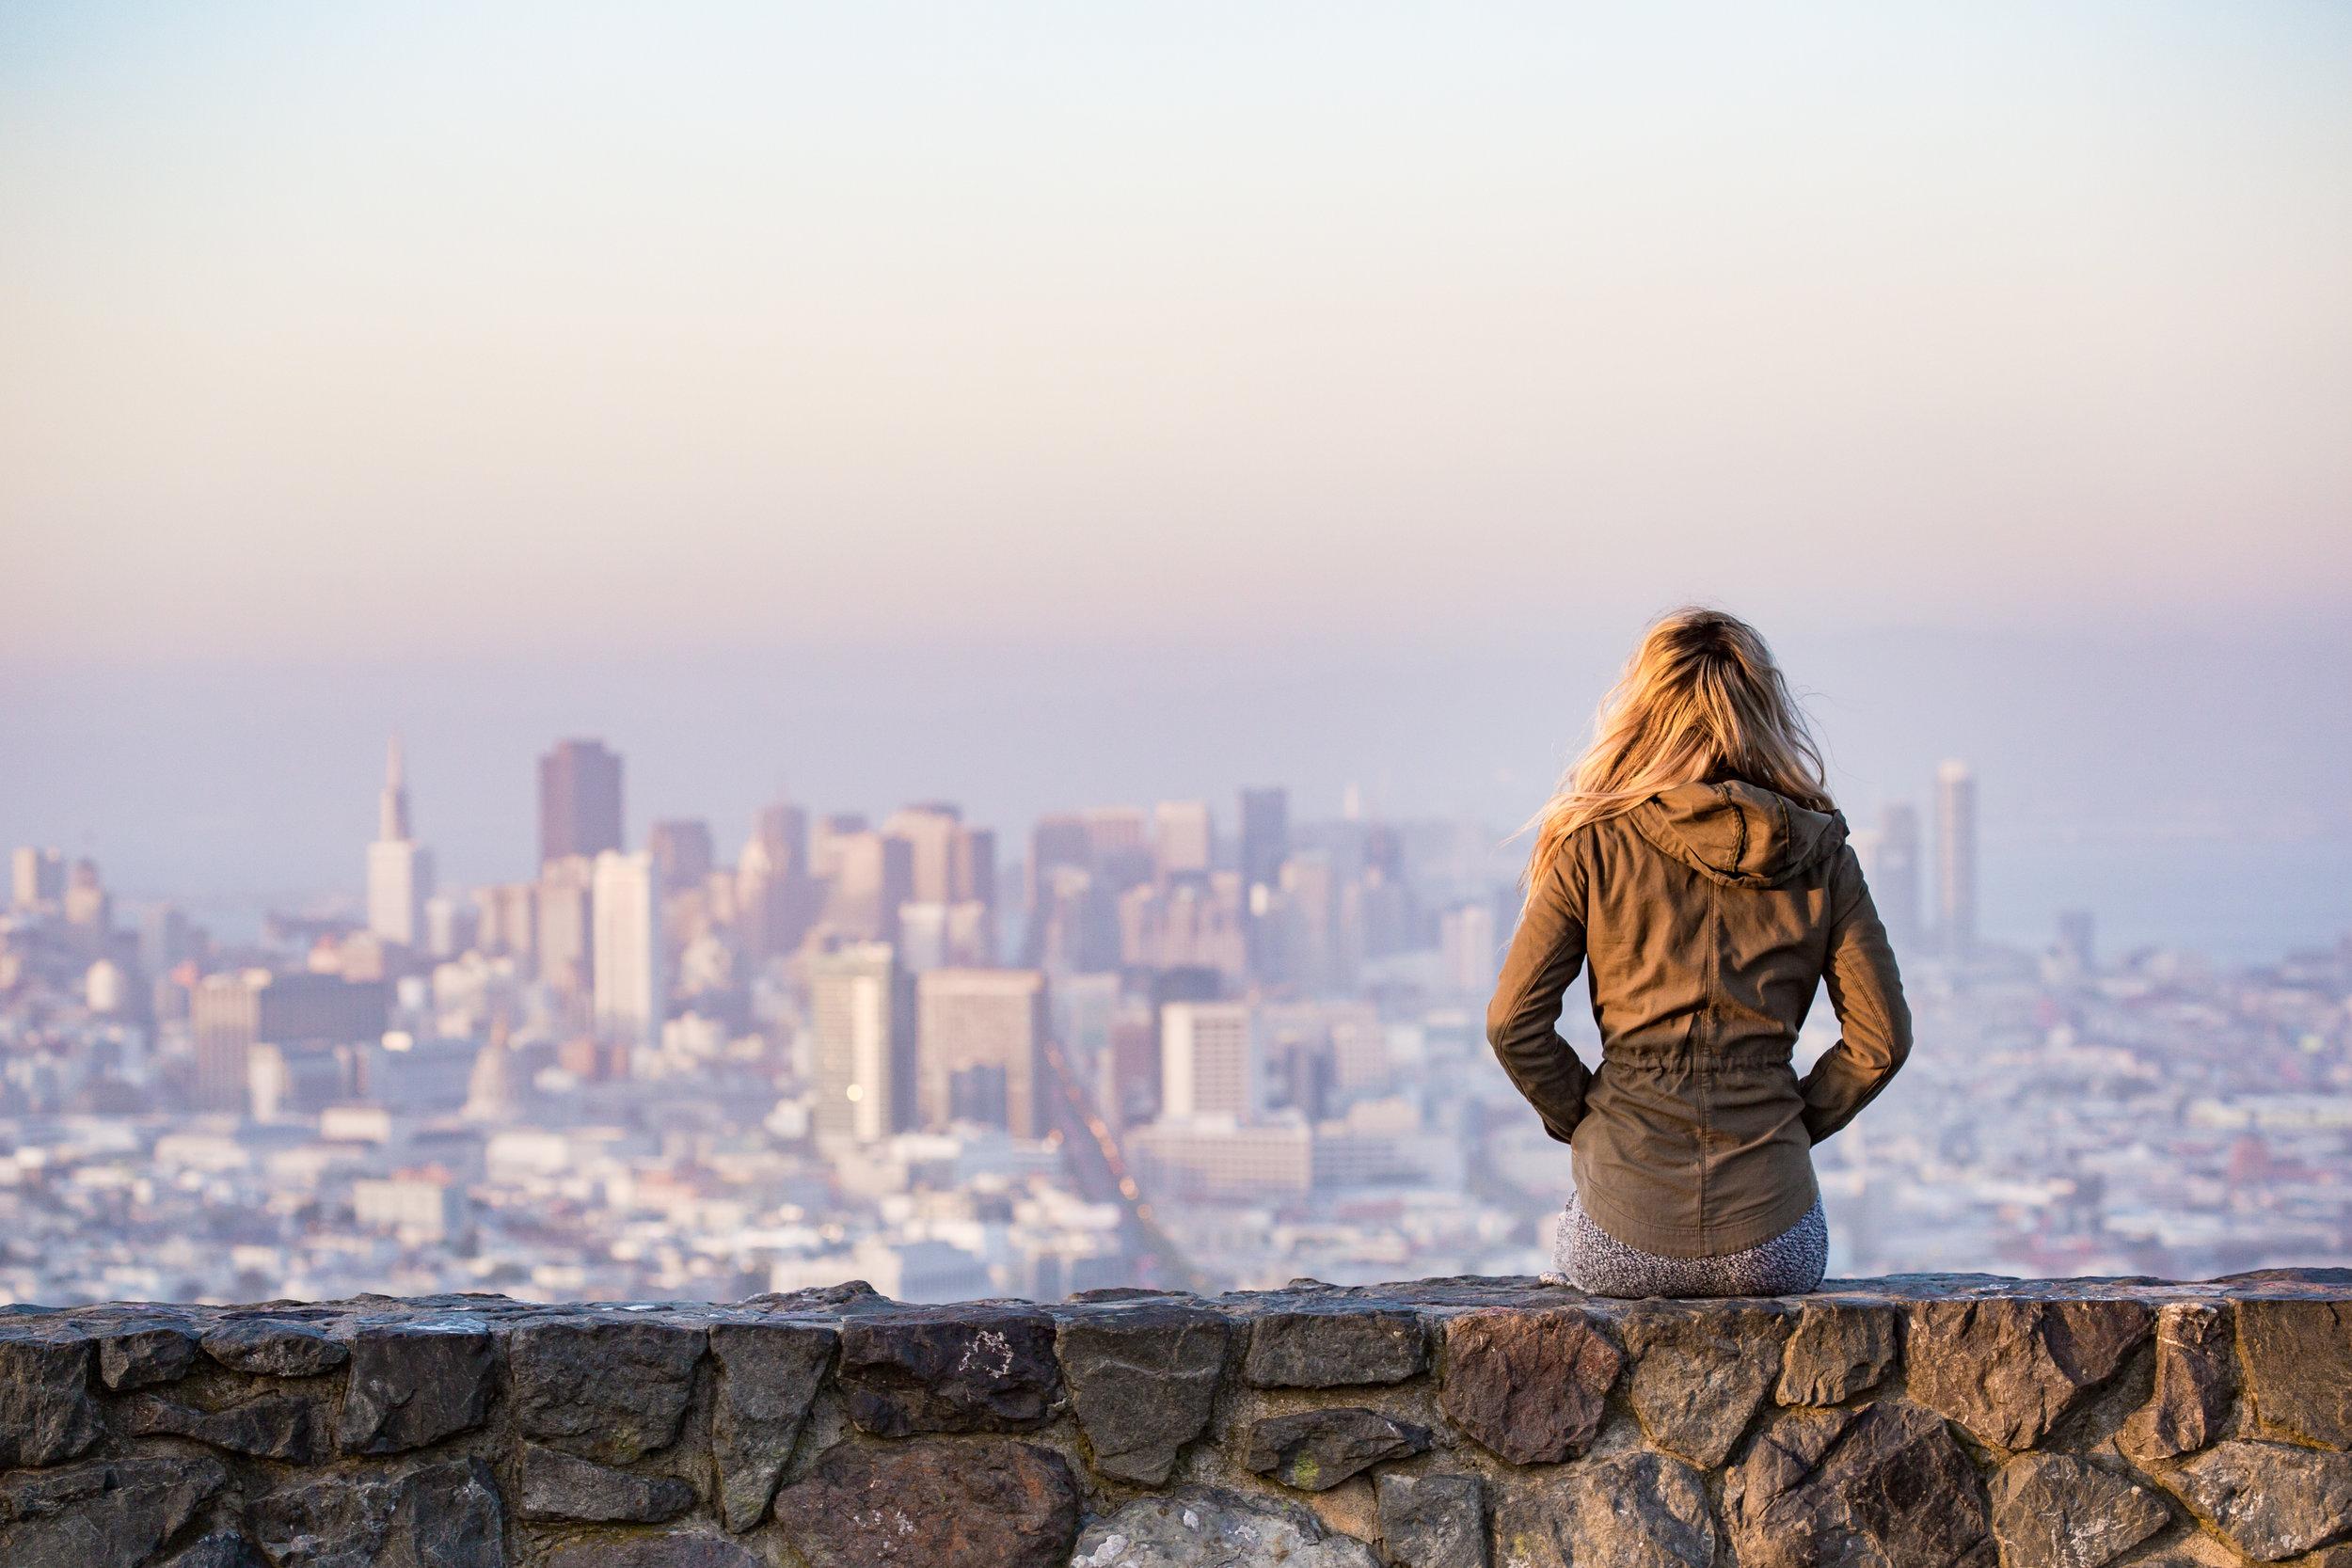 woman-overlooking-city.jpeg